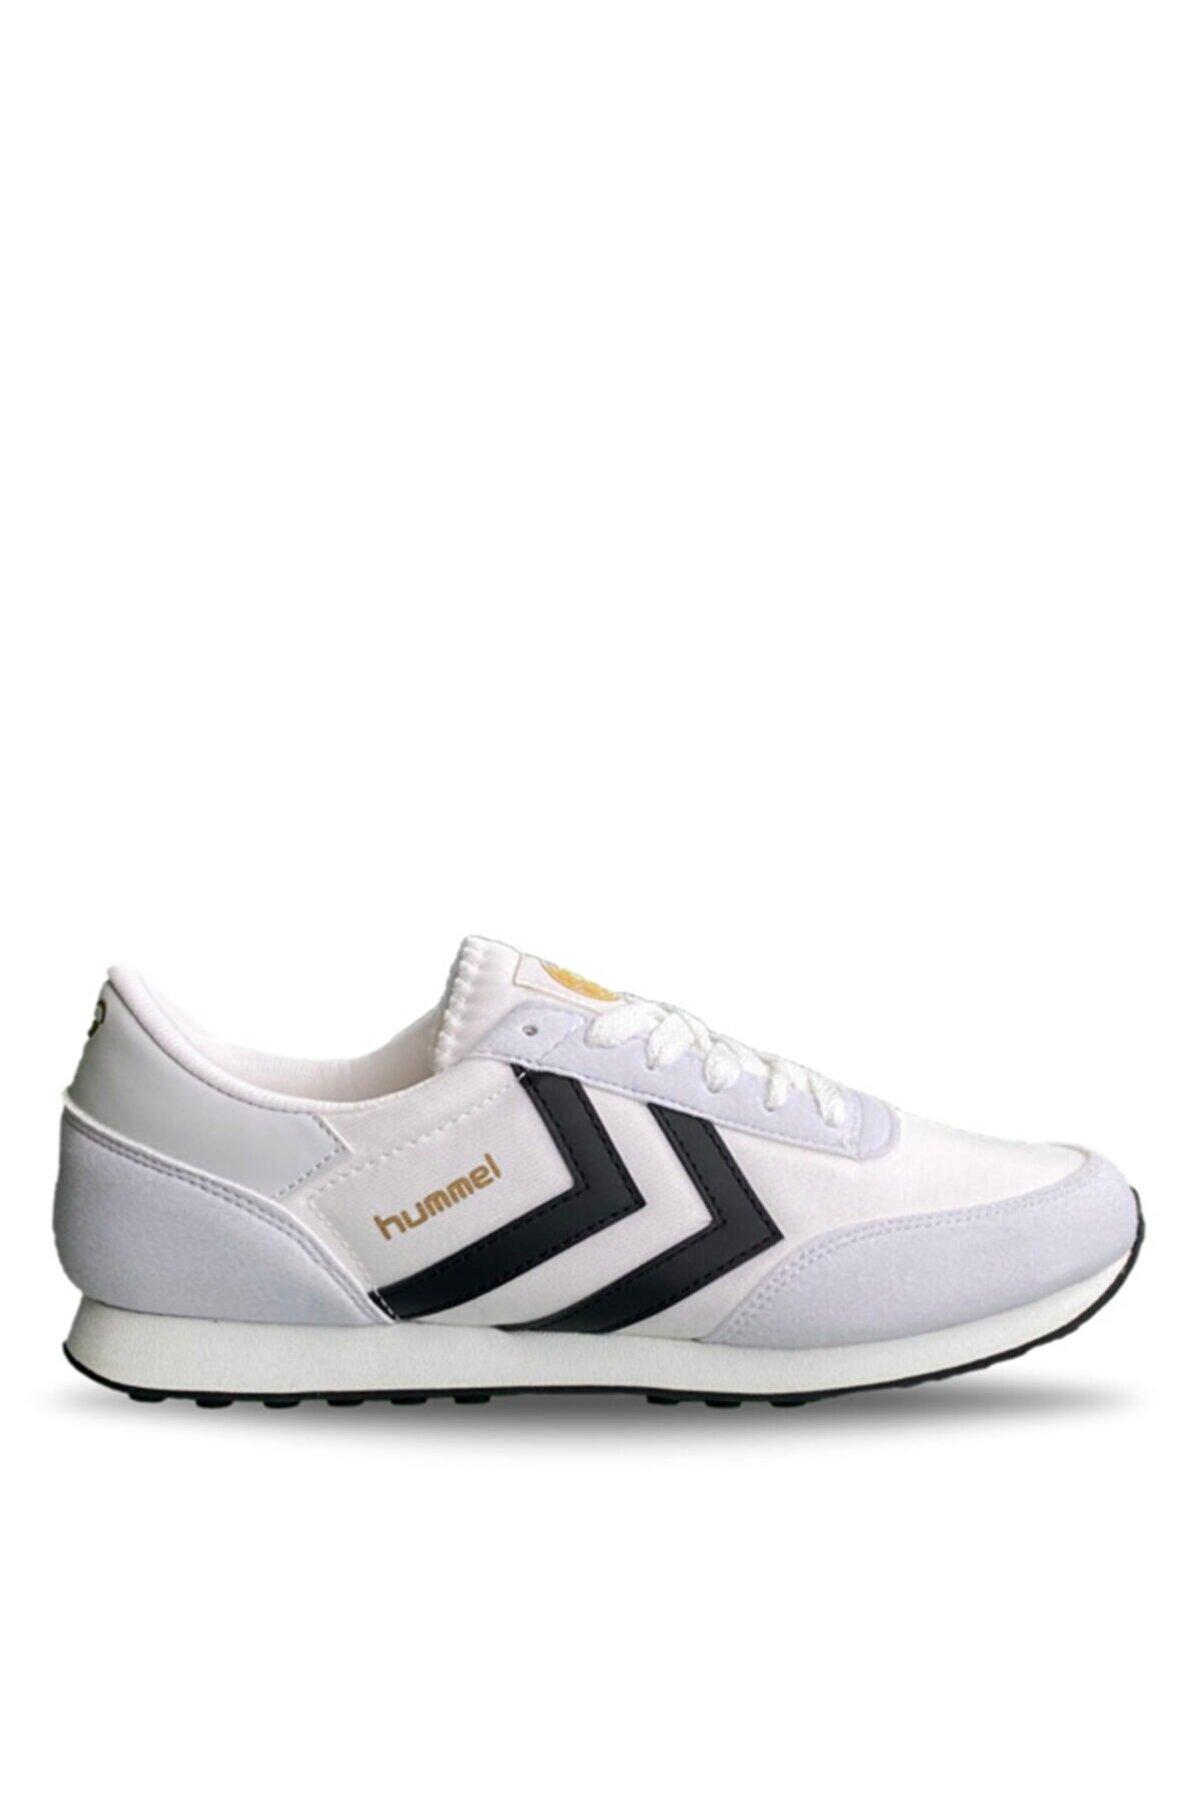 HUMMEL Hmlseventyone Unısex Ayakkabı 211358-2113